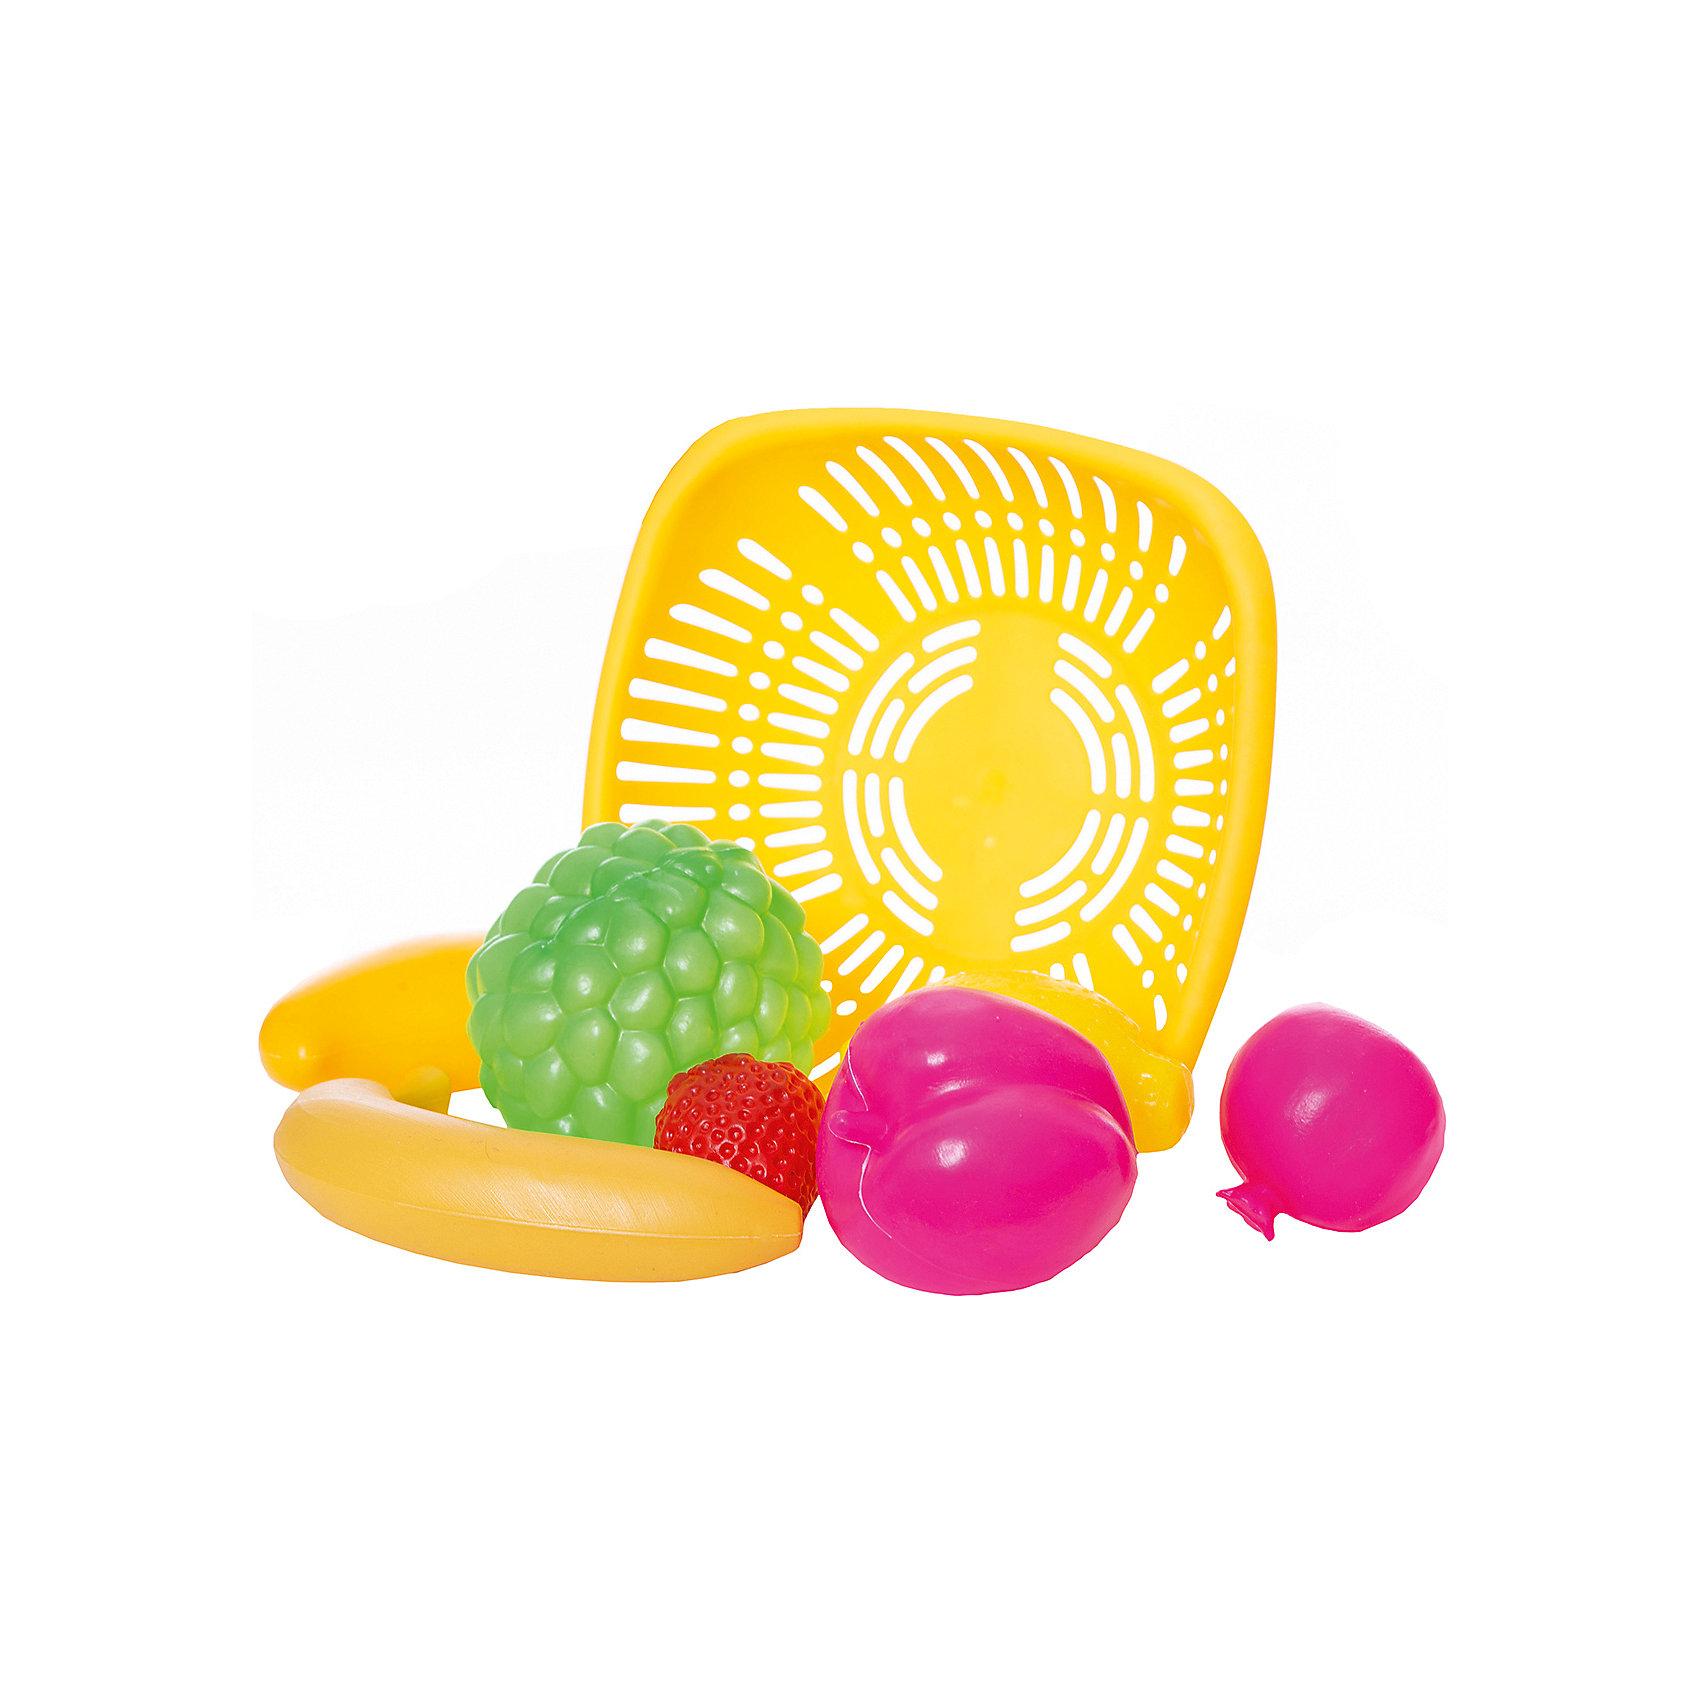 Набор Овощи и фрукты, EstaBellaНабор Овощи и фрукты, EstaBella (Эстабелла) – это красочный комплект муляжей фруктов для увлекательных сюжетно-ролевых игр.<br>Набор Овощи и фрукты от компании EstaBella (Эстабелла) подарит вашей девочке увлекательный мир ролевой игры, фантазии и воображения. Играя с ним, она будет готовиться к взрослой жизни и станет более самостоятельной, уверенной и активной. В комплект входят муляжи банана, клубники, лимона и других фруктов, а также корзинка. С таким набором малышке будет легко придумать разнообразные игровые сюжеты. Все элементы набора изготовлены из качественного пластика и покрыты нетоксичными красками, не имеют острых углов.<br><br>Дополнительная информация:<br><br>- В наборе: корзинка, 5 муляжей фруктов<br>- Материал: пластик<br>- Размер упаковки: 21х7х21 см.<br>- Вес: 187 гр.<br><br>Набор Овощи и фрукты, EstaBella (Эстабелла) можно купить в нашем интернет-магазине.<br><br>Ширина мм: 210<br>Глубина мм: 70<br>Высота мм: 210<br>Вес г: 187<br>Возраст от месяцев: 36<br>Возраст до месяцев: 72<br>Пол: Женский<br>Возраст: Детский<br>SKU: 4552906